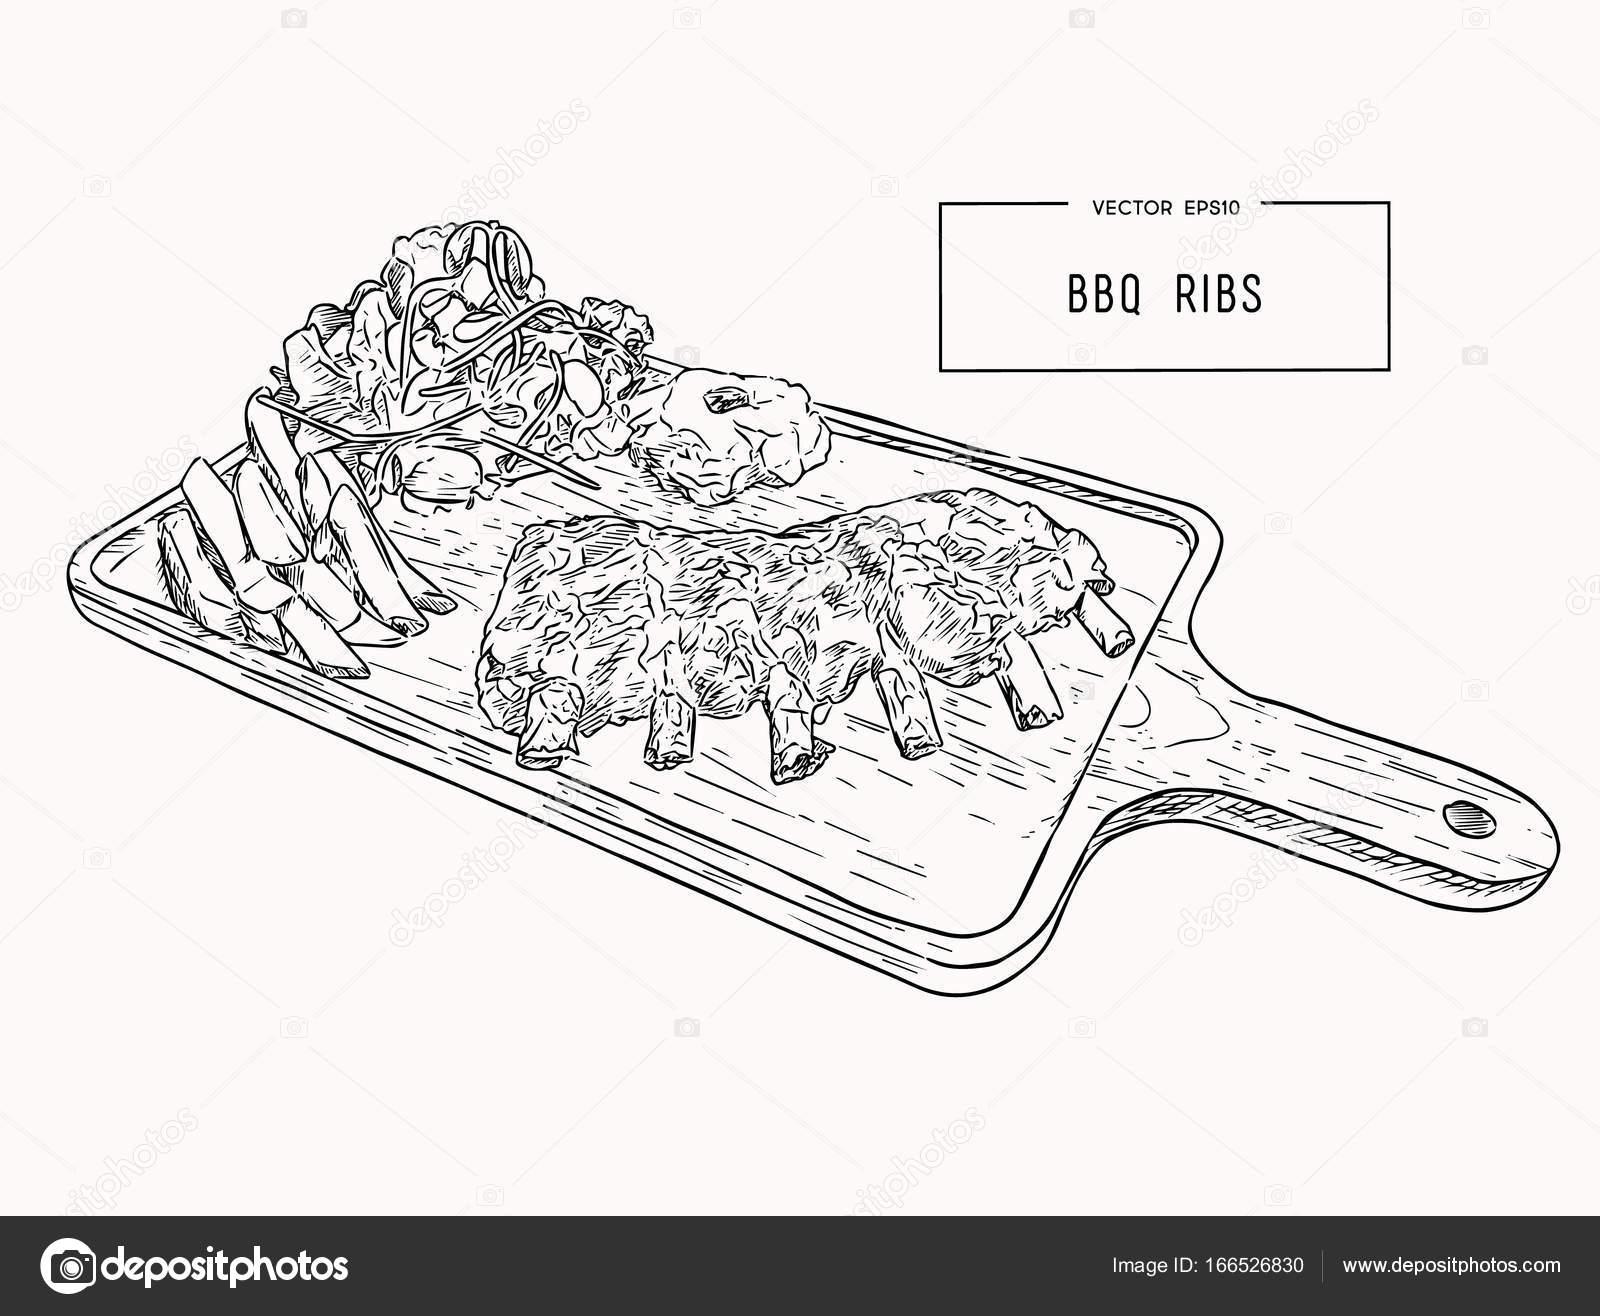 depositphotos_166526830 stock illustration illustration of grilled spare ribs illustration of grilled spare ribs stock vector © kirpmun